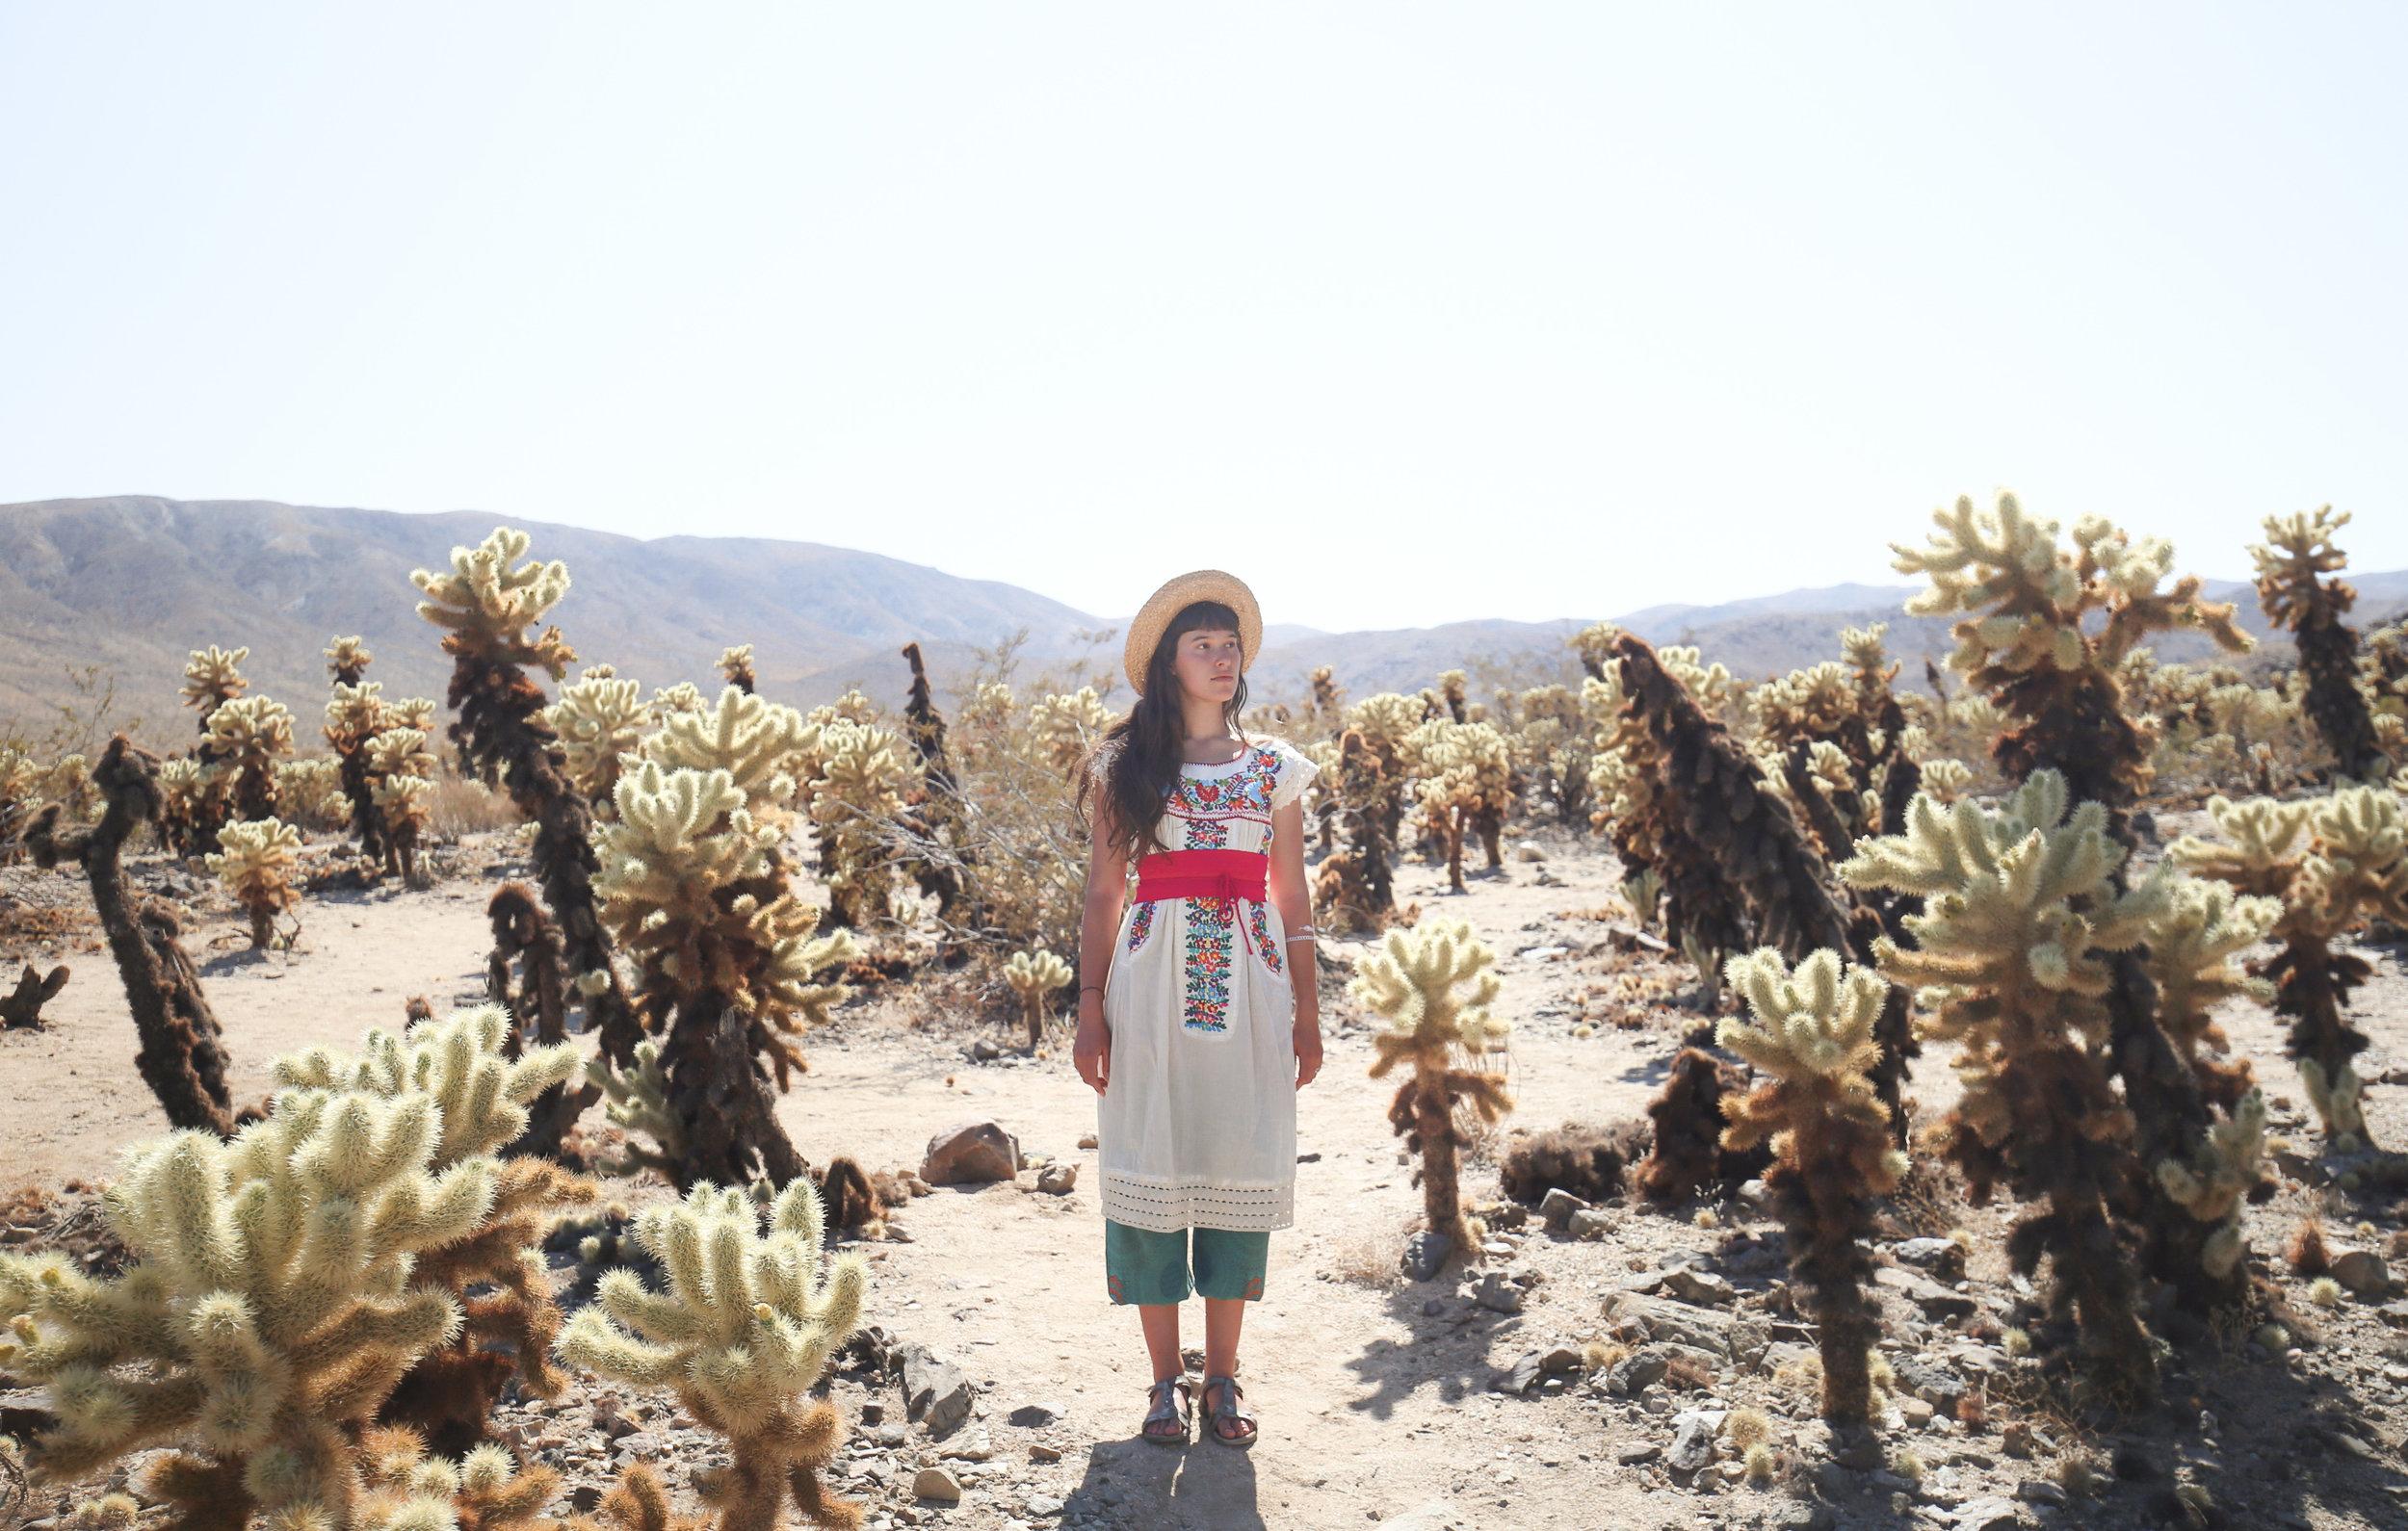 goddess-portrait-desert-cacti